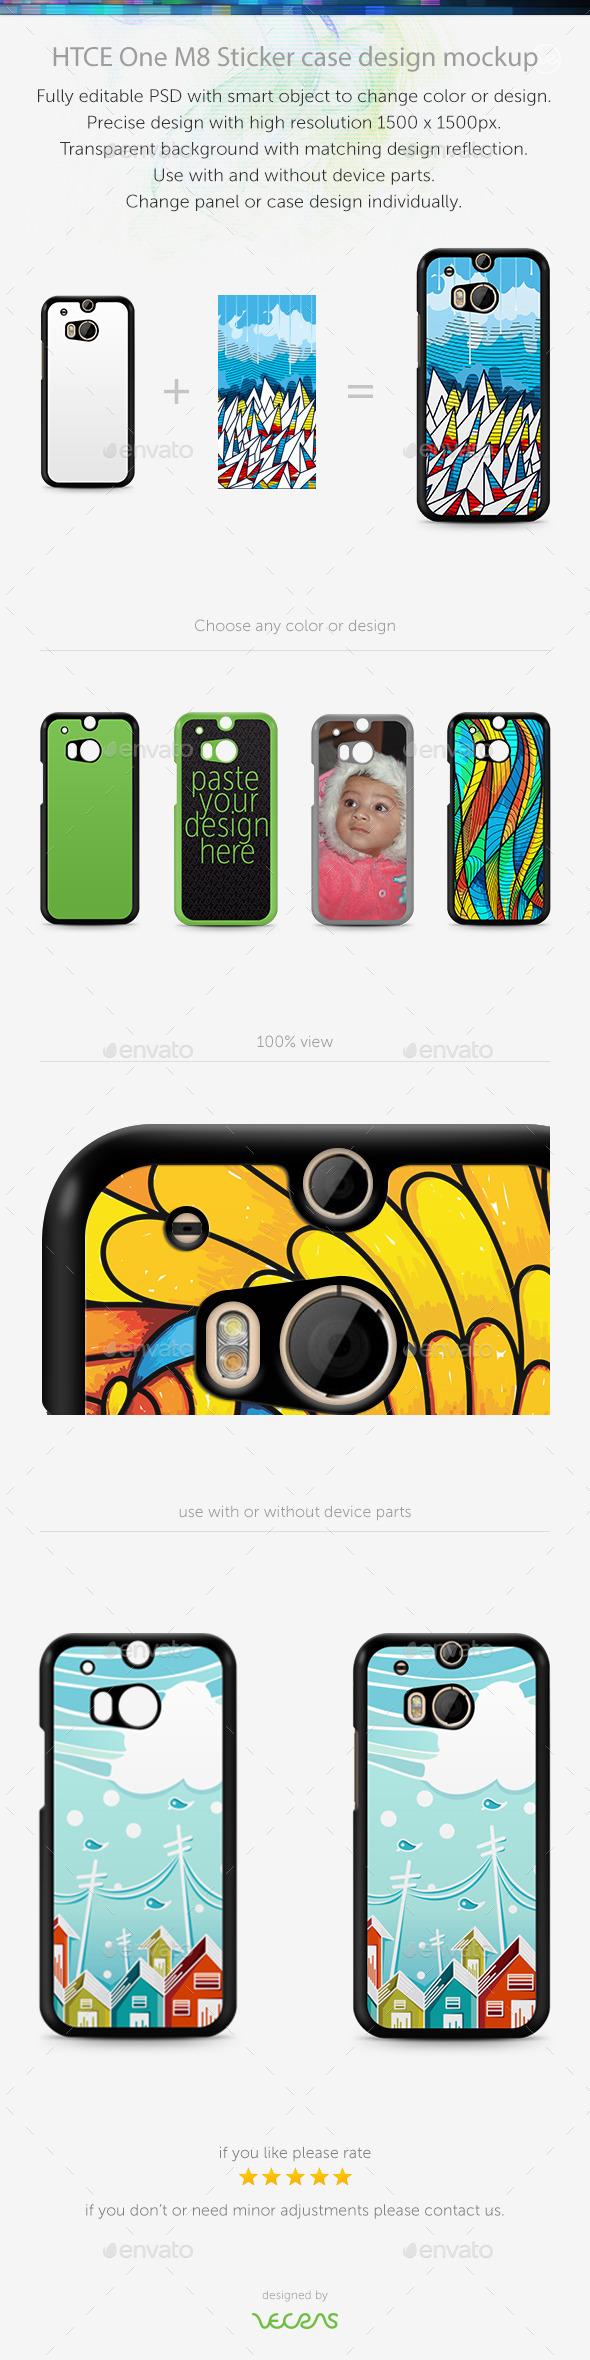 HTCE One M8 Sticker Case Design Mockup - Mobile Displays